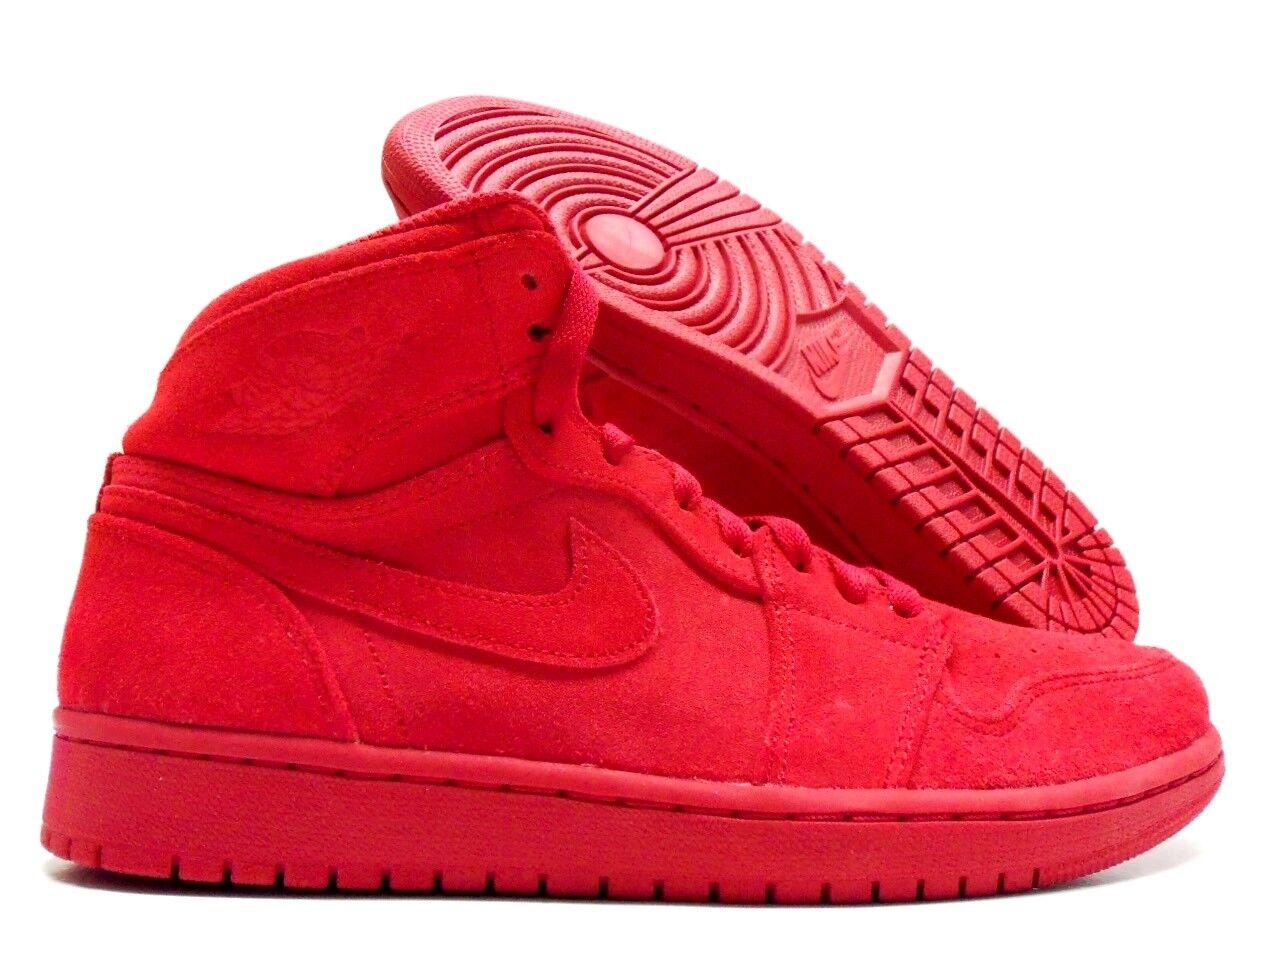 Nike air jordan 1 'alto scamosciato palestra rosso red / palestra red rosso taglia uomini 12 [332550-603] a81ada